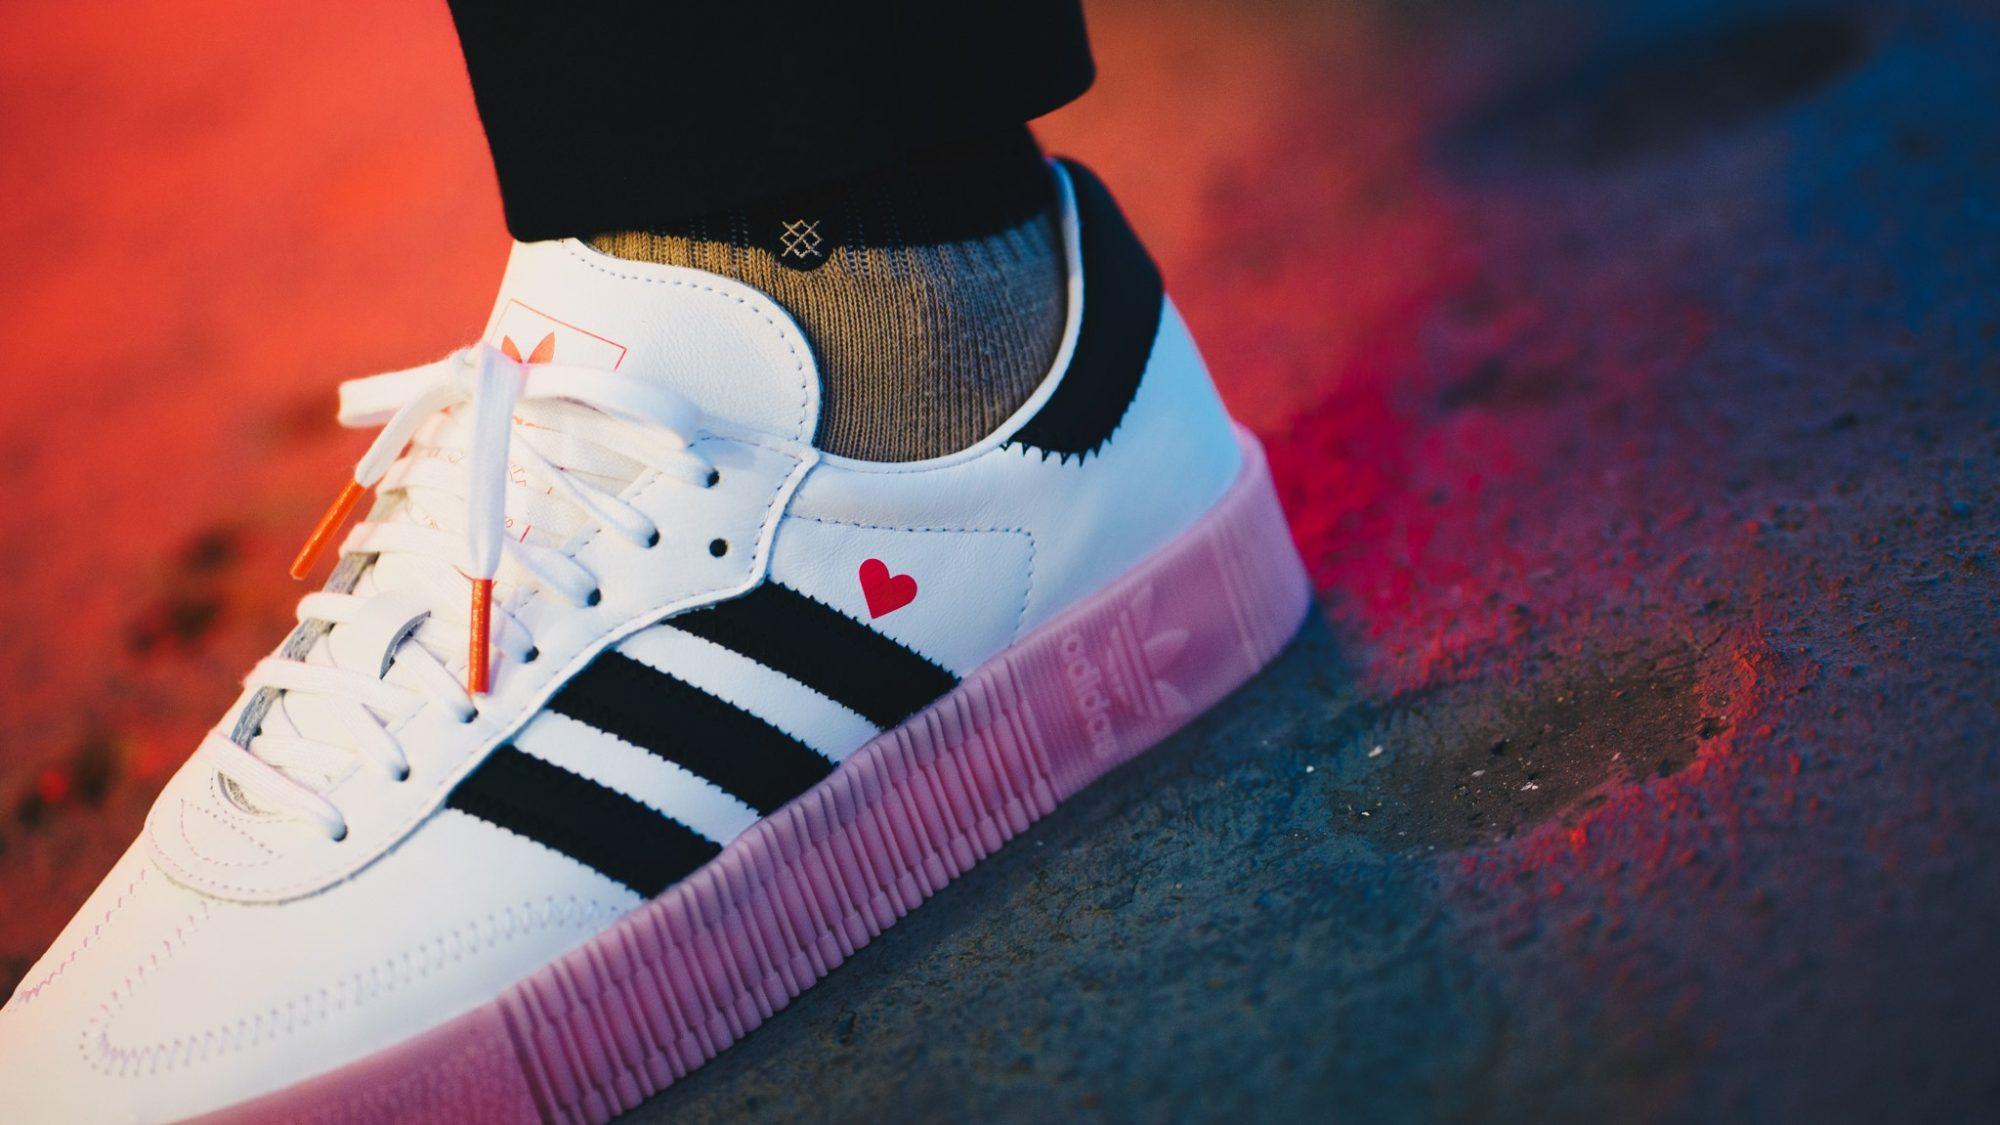 Romantická valentýnka v režii tří proužků: adidas Valentine's Pack